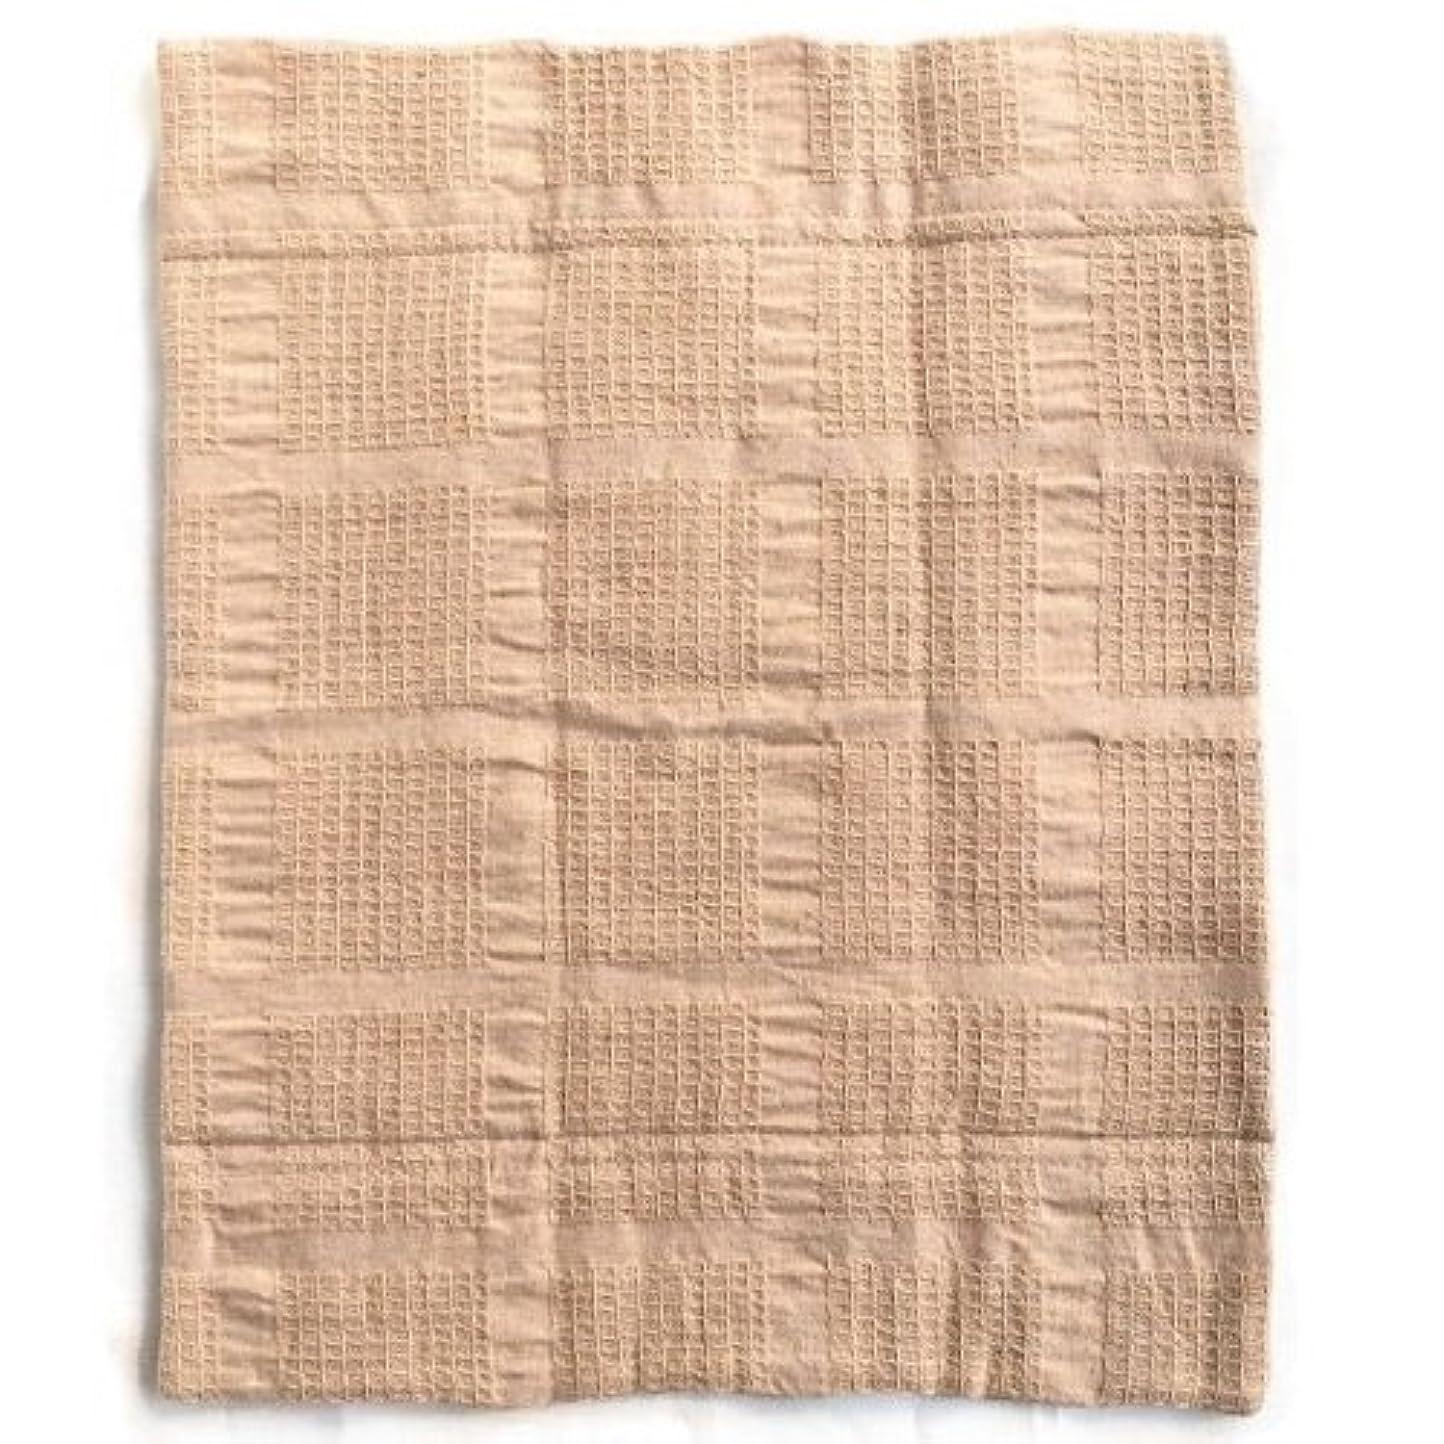 ジャニスメトリックめまい華布のオーガニックコットンの布ナプキン LLサイズ(約28cm×約35cm) 1枚入り